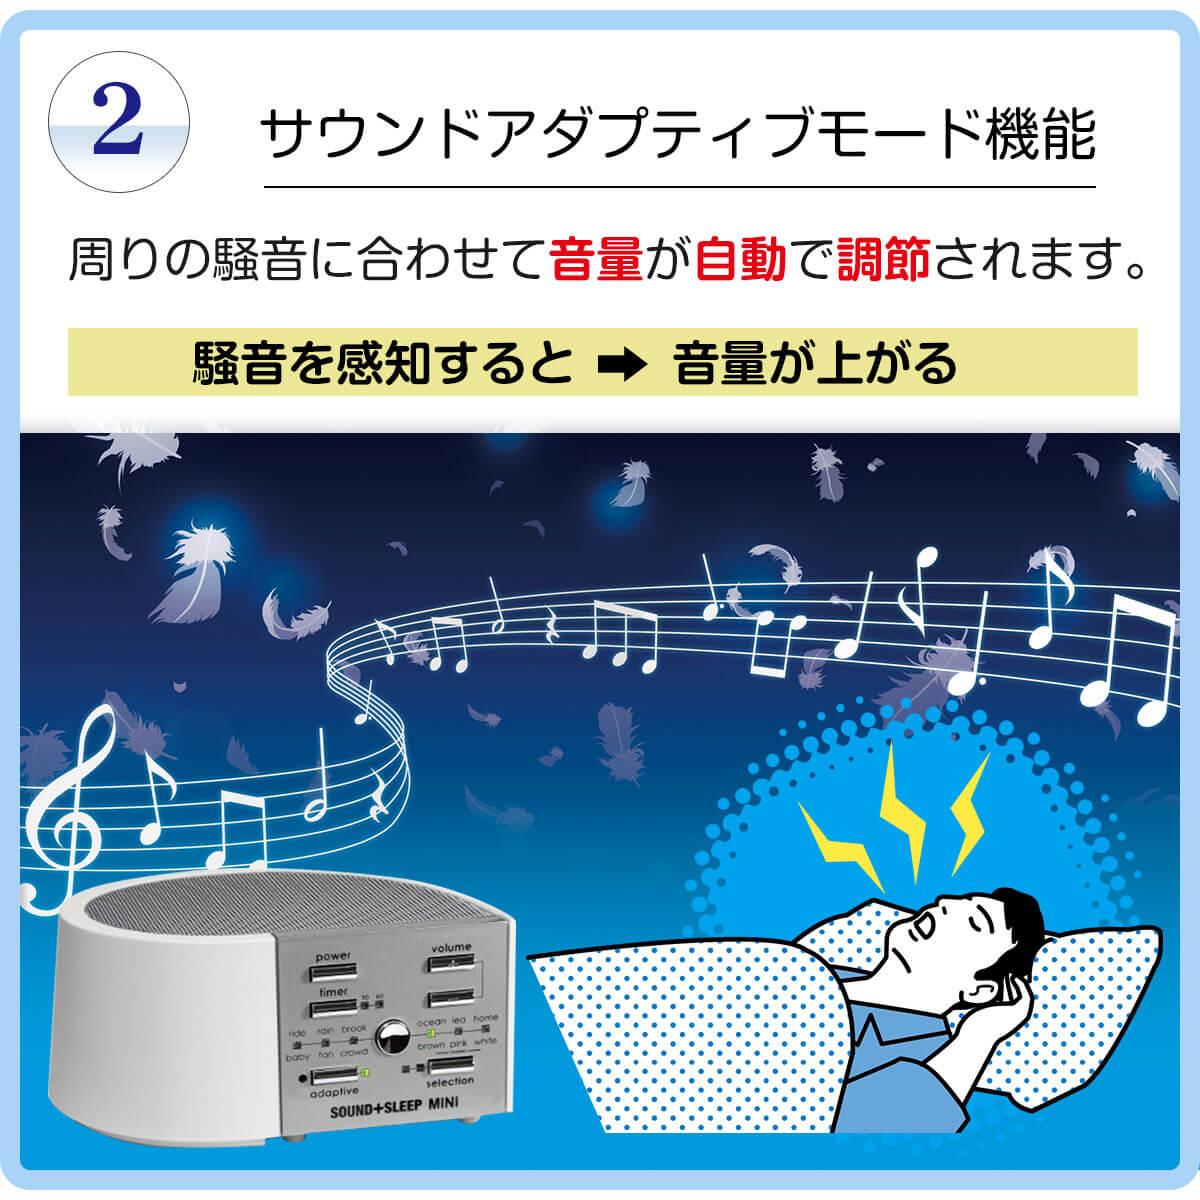 ホワイトノイズ テレワーク 生活音 騒音 排除 不眠 スリープオーディオ ドーミン サウンドマシン 快眠